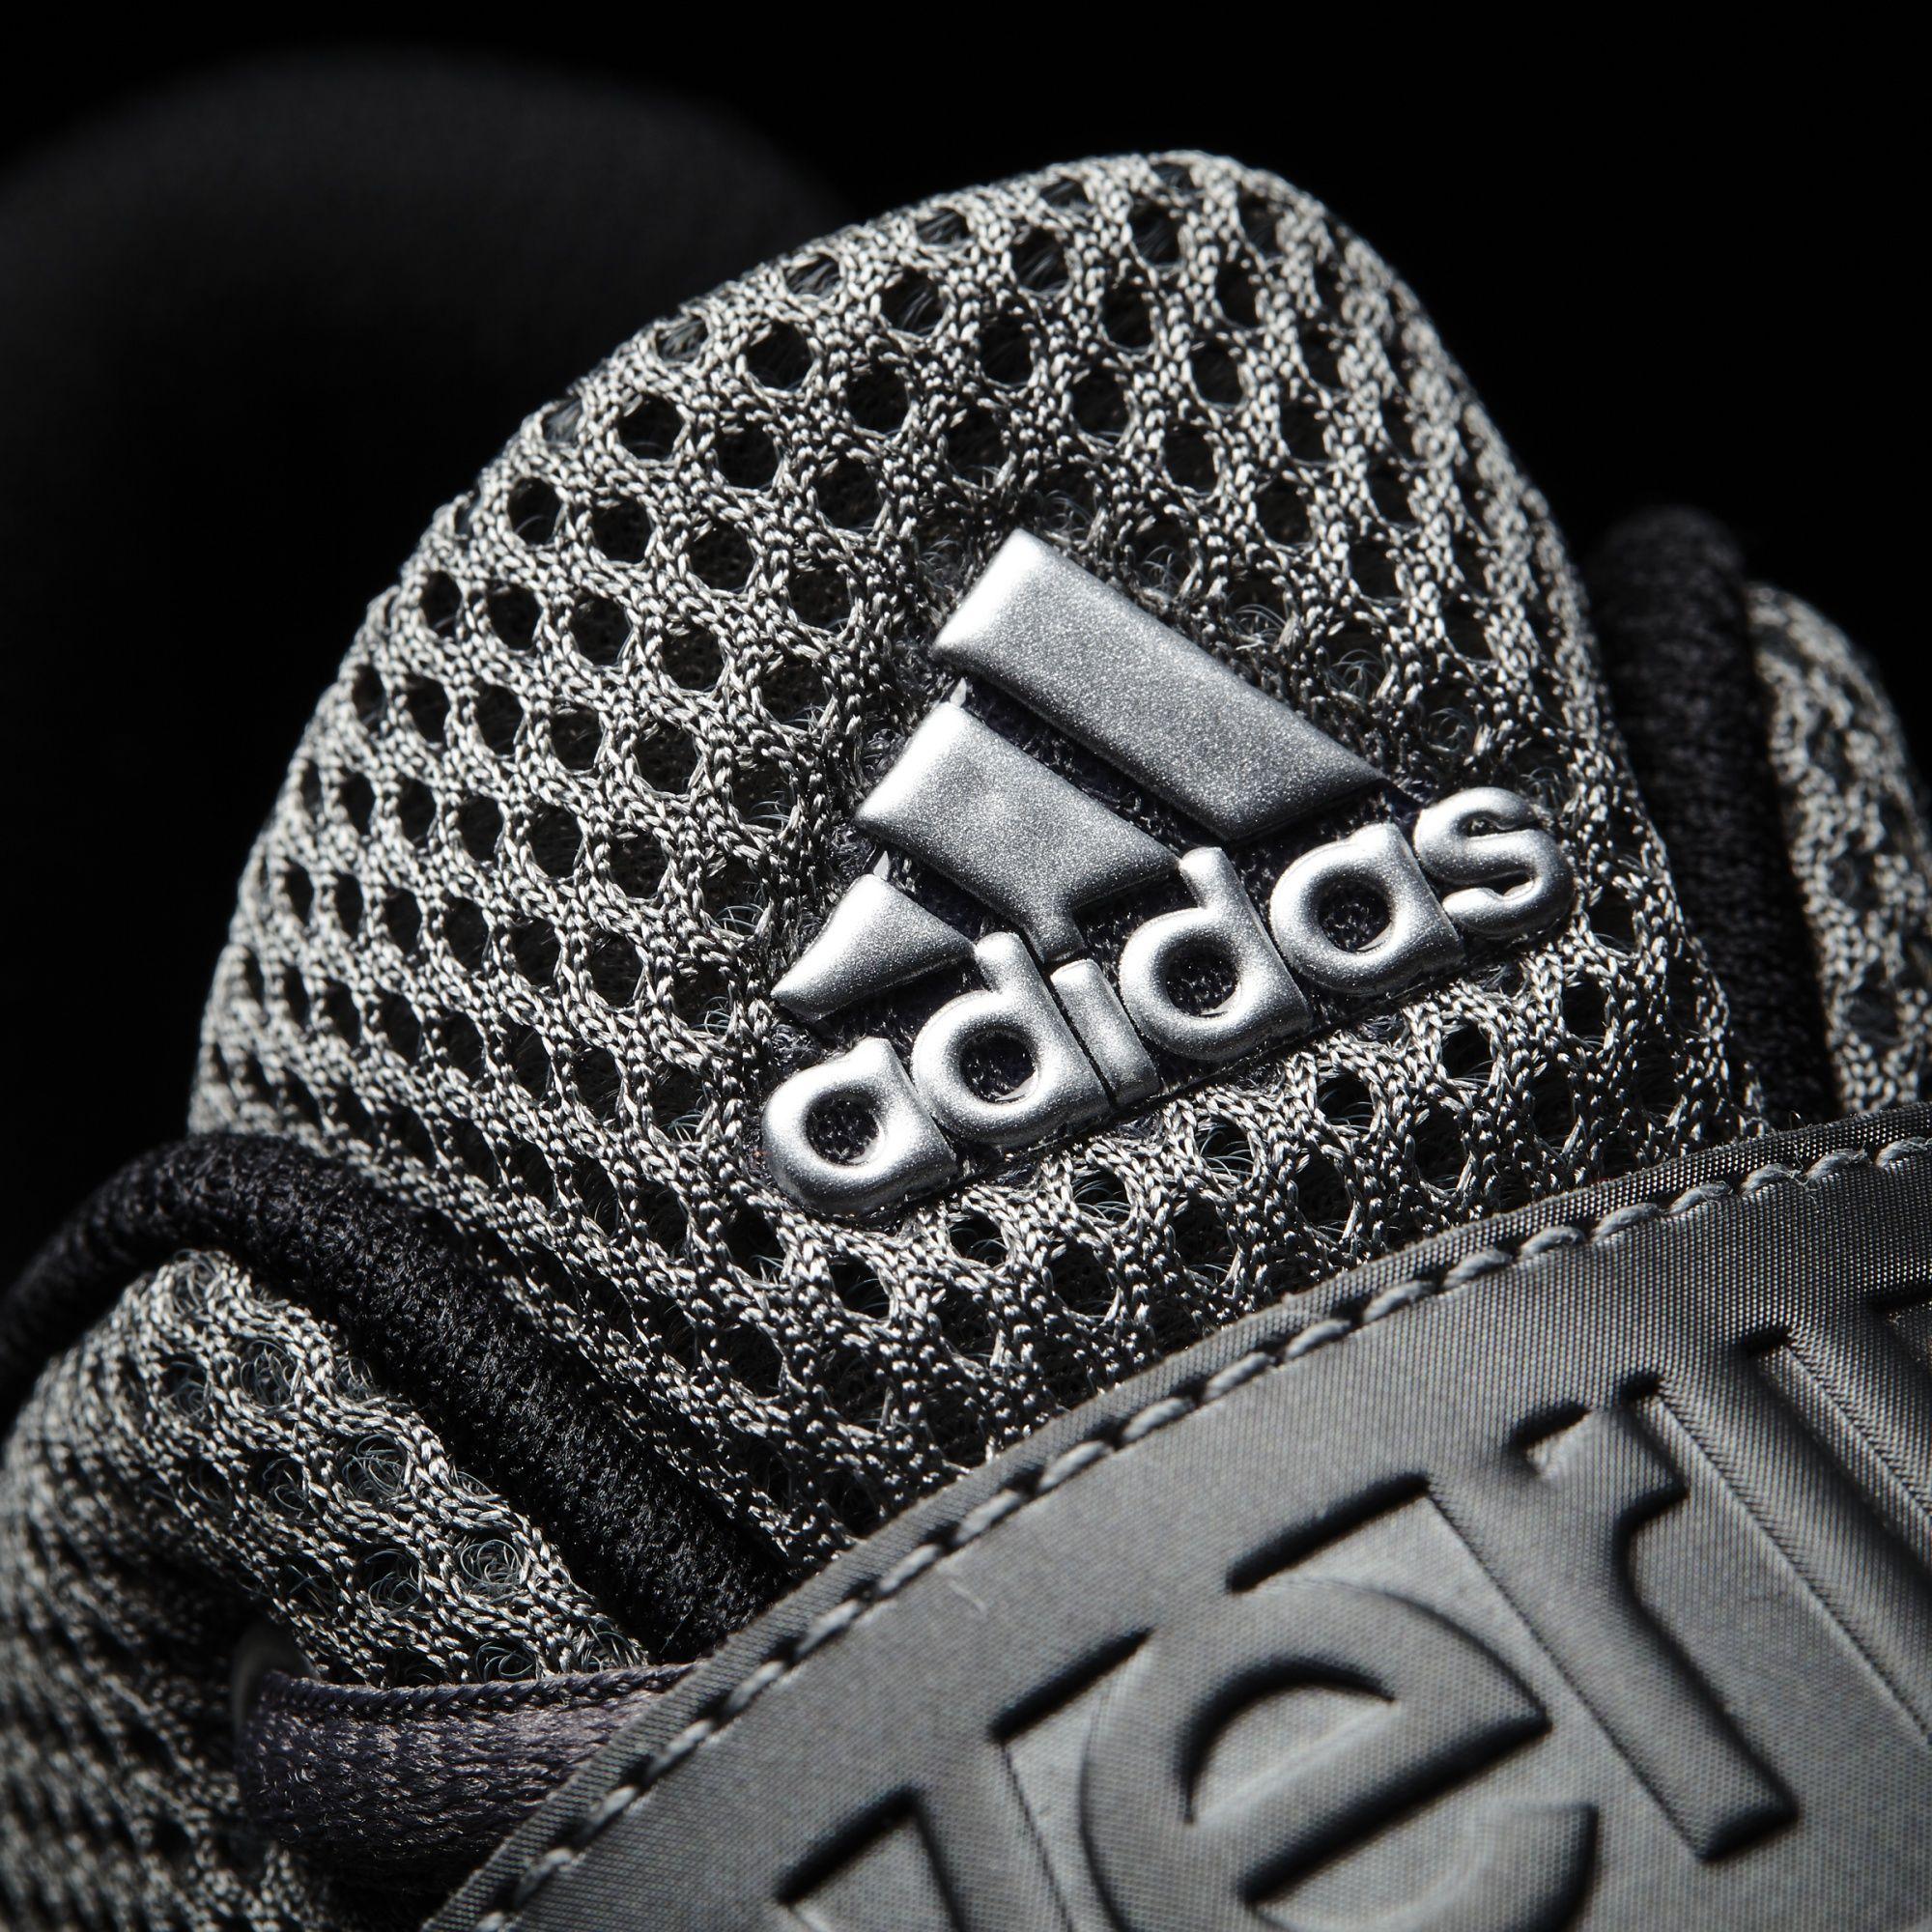 Adidas Powerlift.3 Gewichtheber-, Fitness-Schuhe (Größen: 38-54)